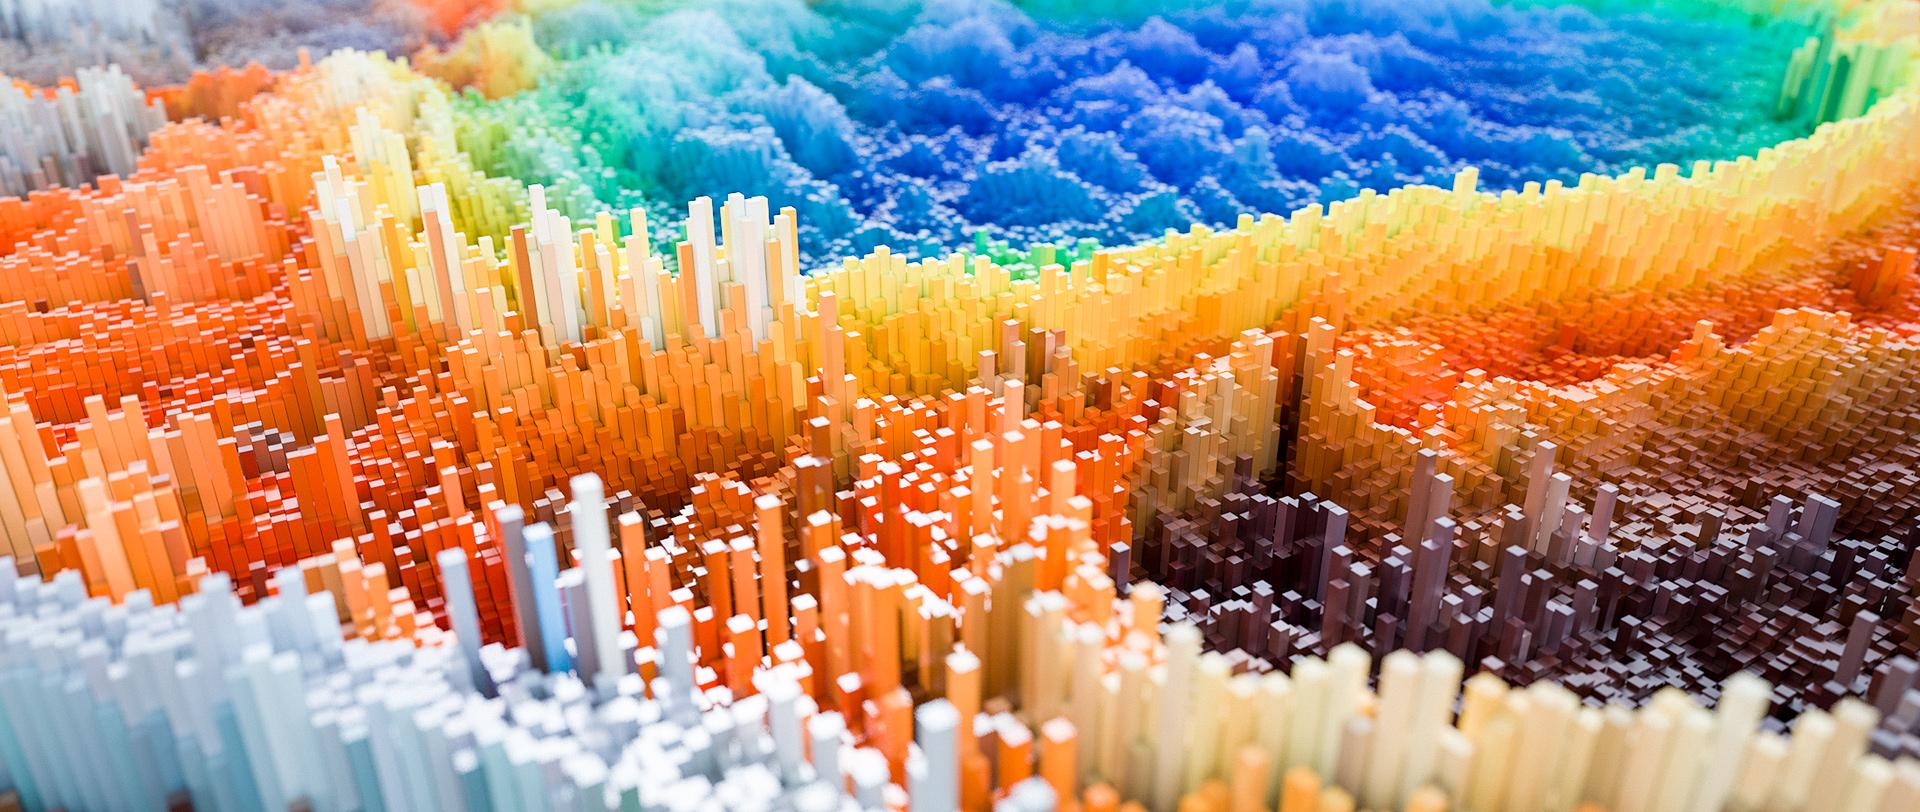 cubes_colors-web.jpg